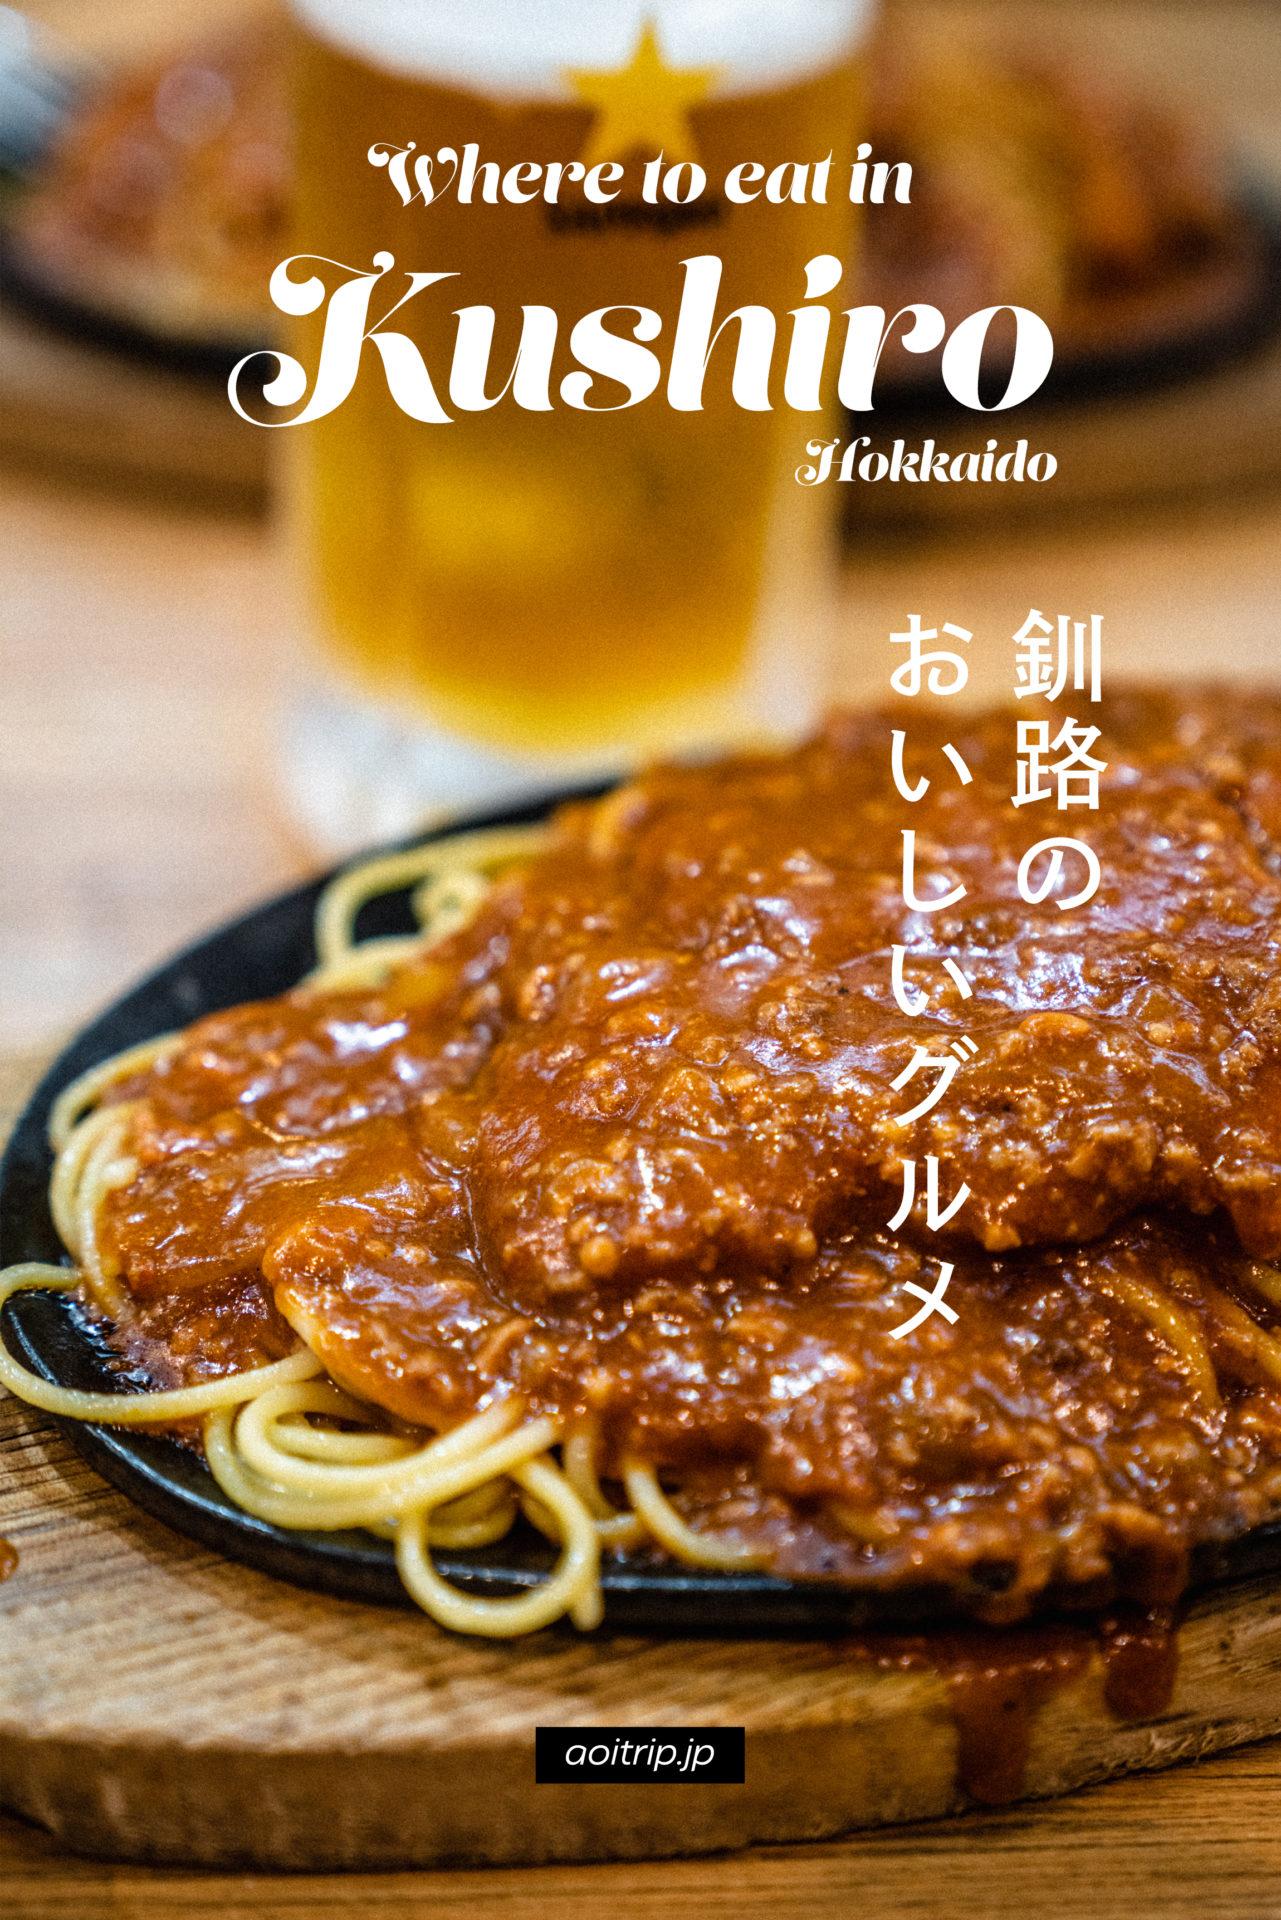 北海道 釧路旅行で食べたグルメ Where to eat in Kushiro, Hokkaido